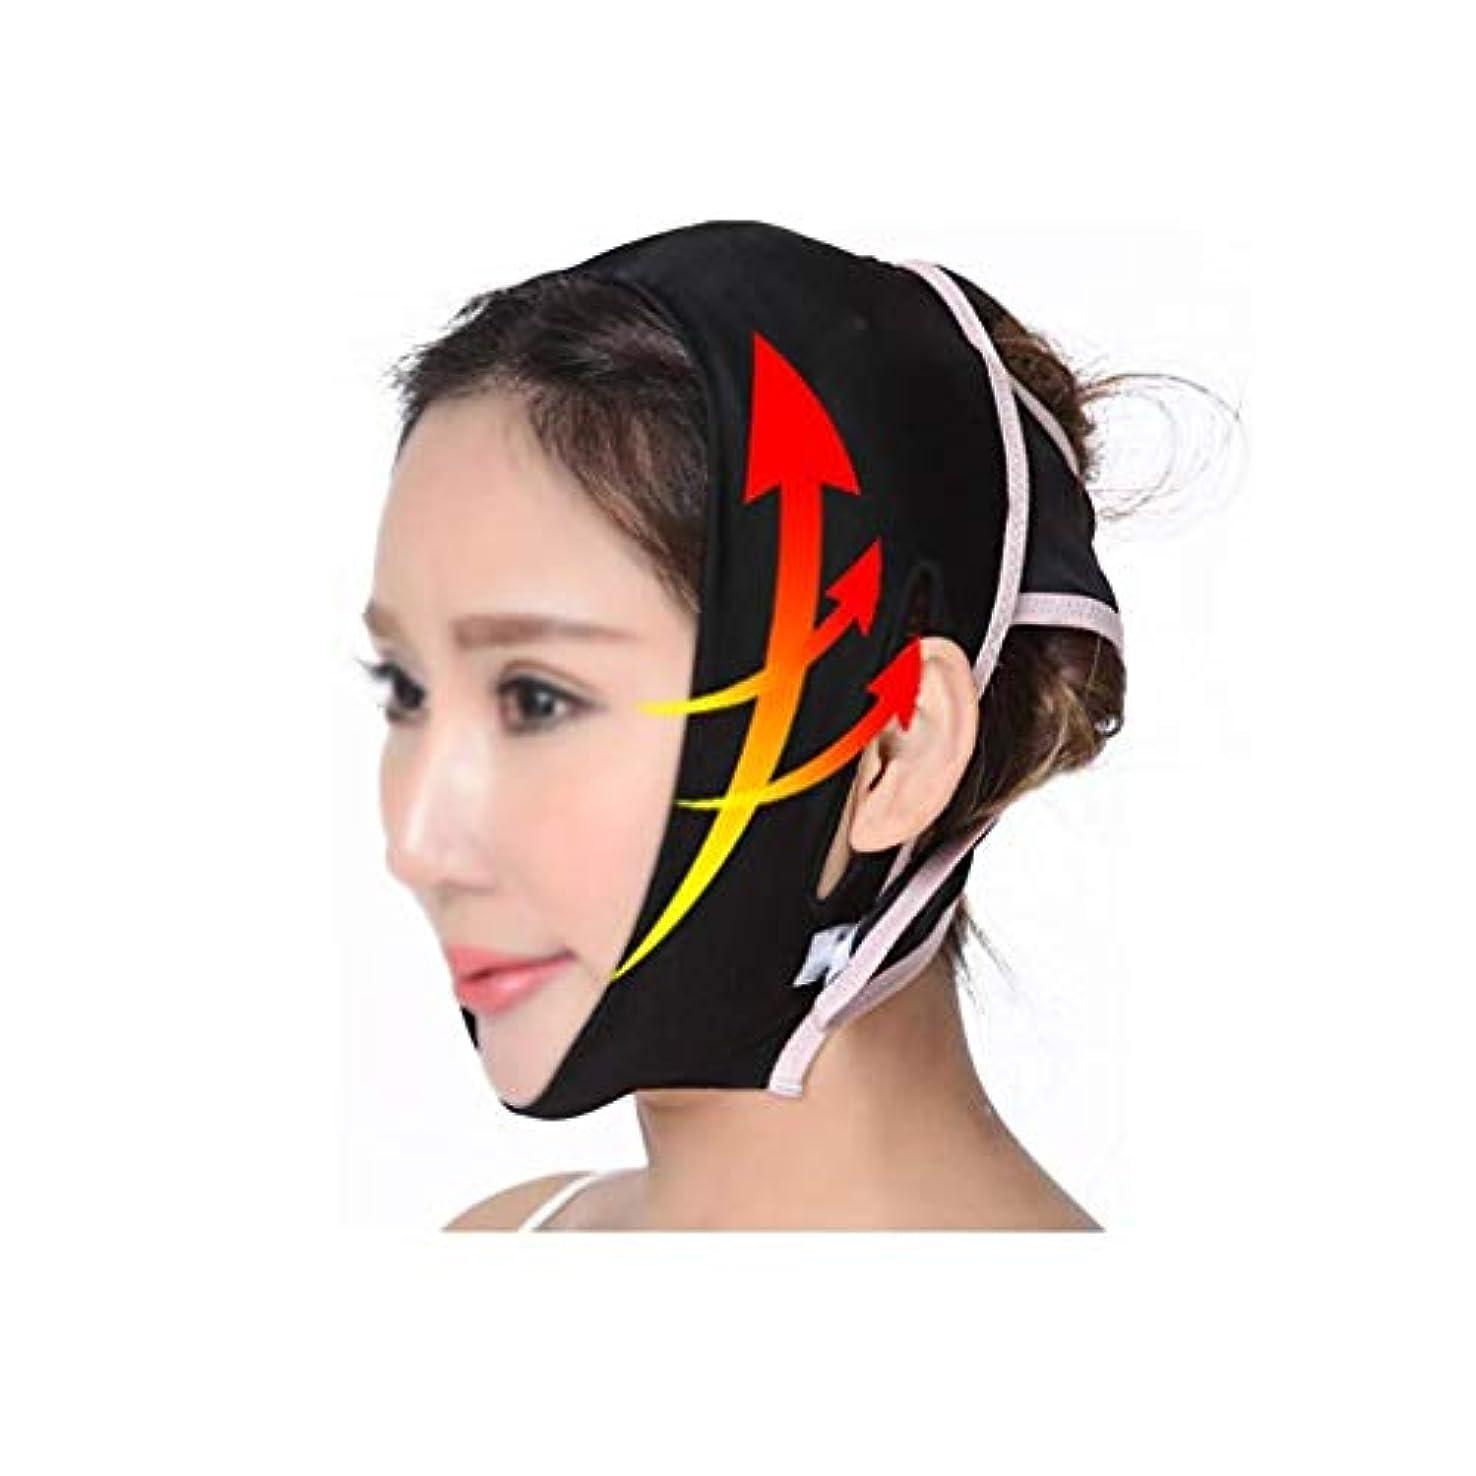 粘液敬意を表して受動的フェイスリフトマスク、フェイシャルマスク睡眠顔整形顔包帯顔リフティングV顔顔アーティファクト回復通気性ネックストラップ(サイズ:M)